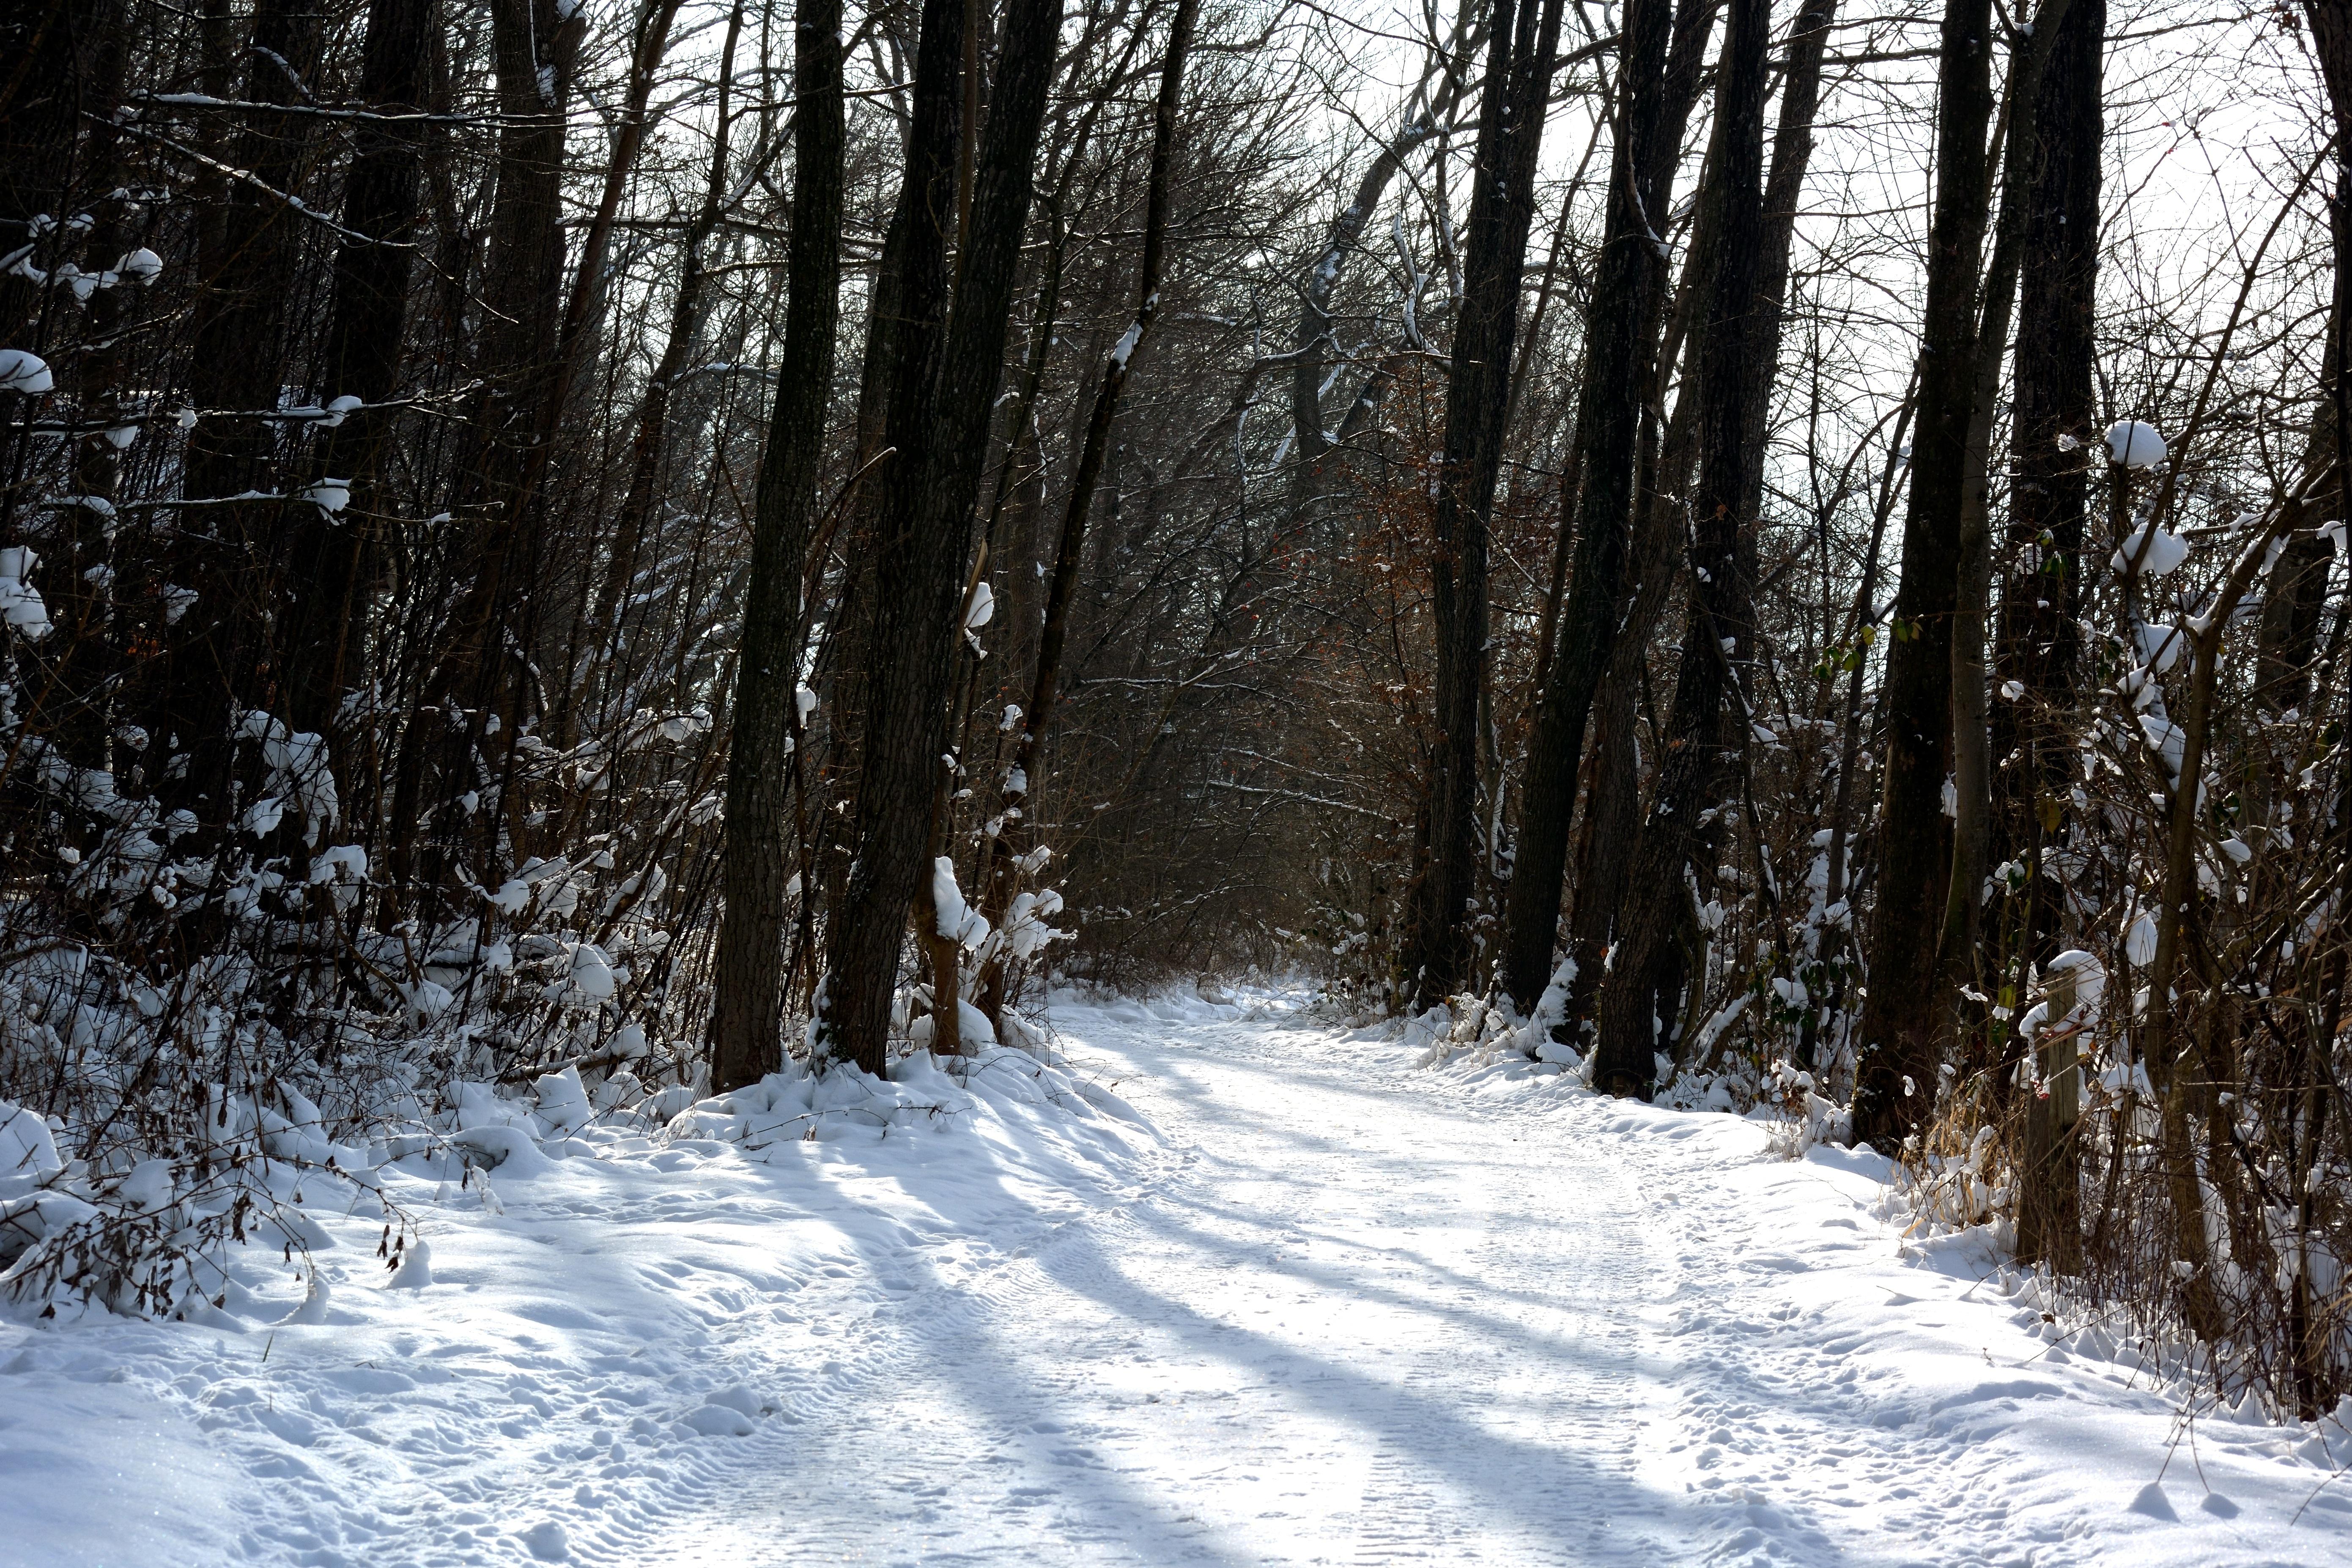 Fotos Gratis Arbol Naturaleza Bosque Nieve Frio Luz De Sol Clima Nevado Temporada Arboles Arbustos Calzado Habitat Lejos Invernal Bosque De Invierno Congelacion Entorno Natural Planta Lenosa 5562x3708 660301 Imagenes Gratis